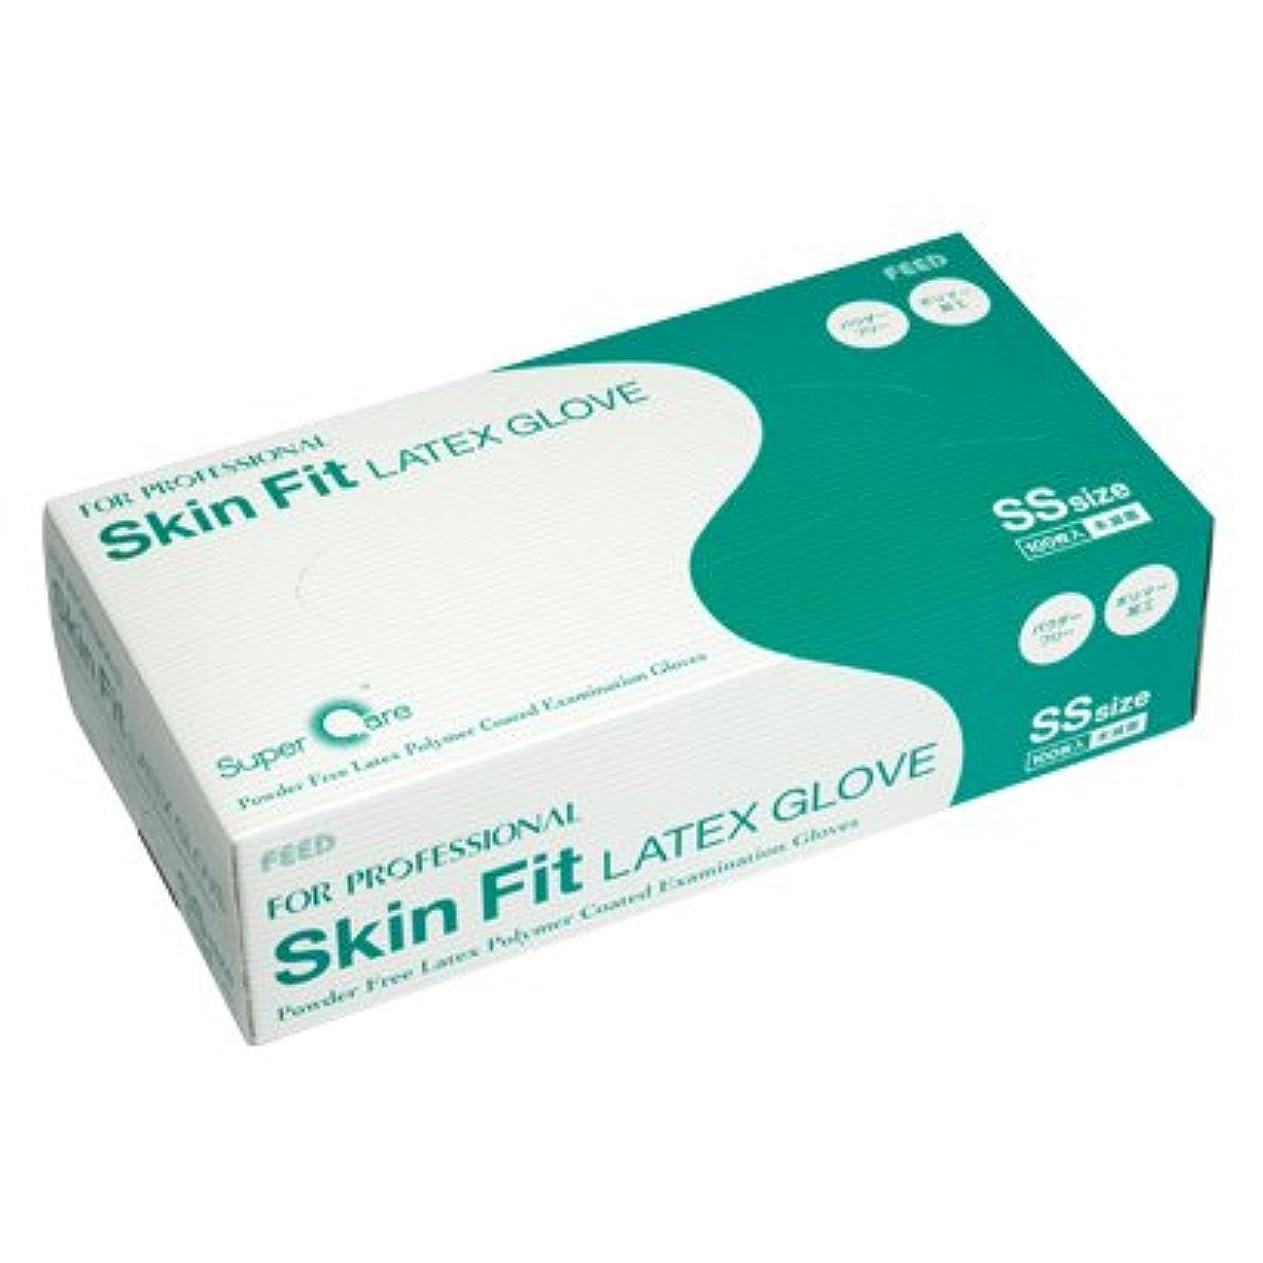 走る授業料申請者FEED(フィード) Skin Fit ラテックスグローブ パウダーフリー ポリマー加工 SS カートン(10ケース) (医療機器)